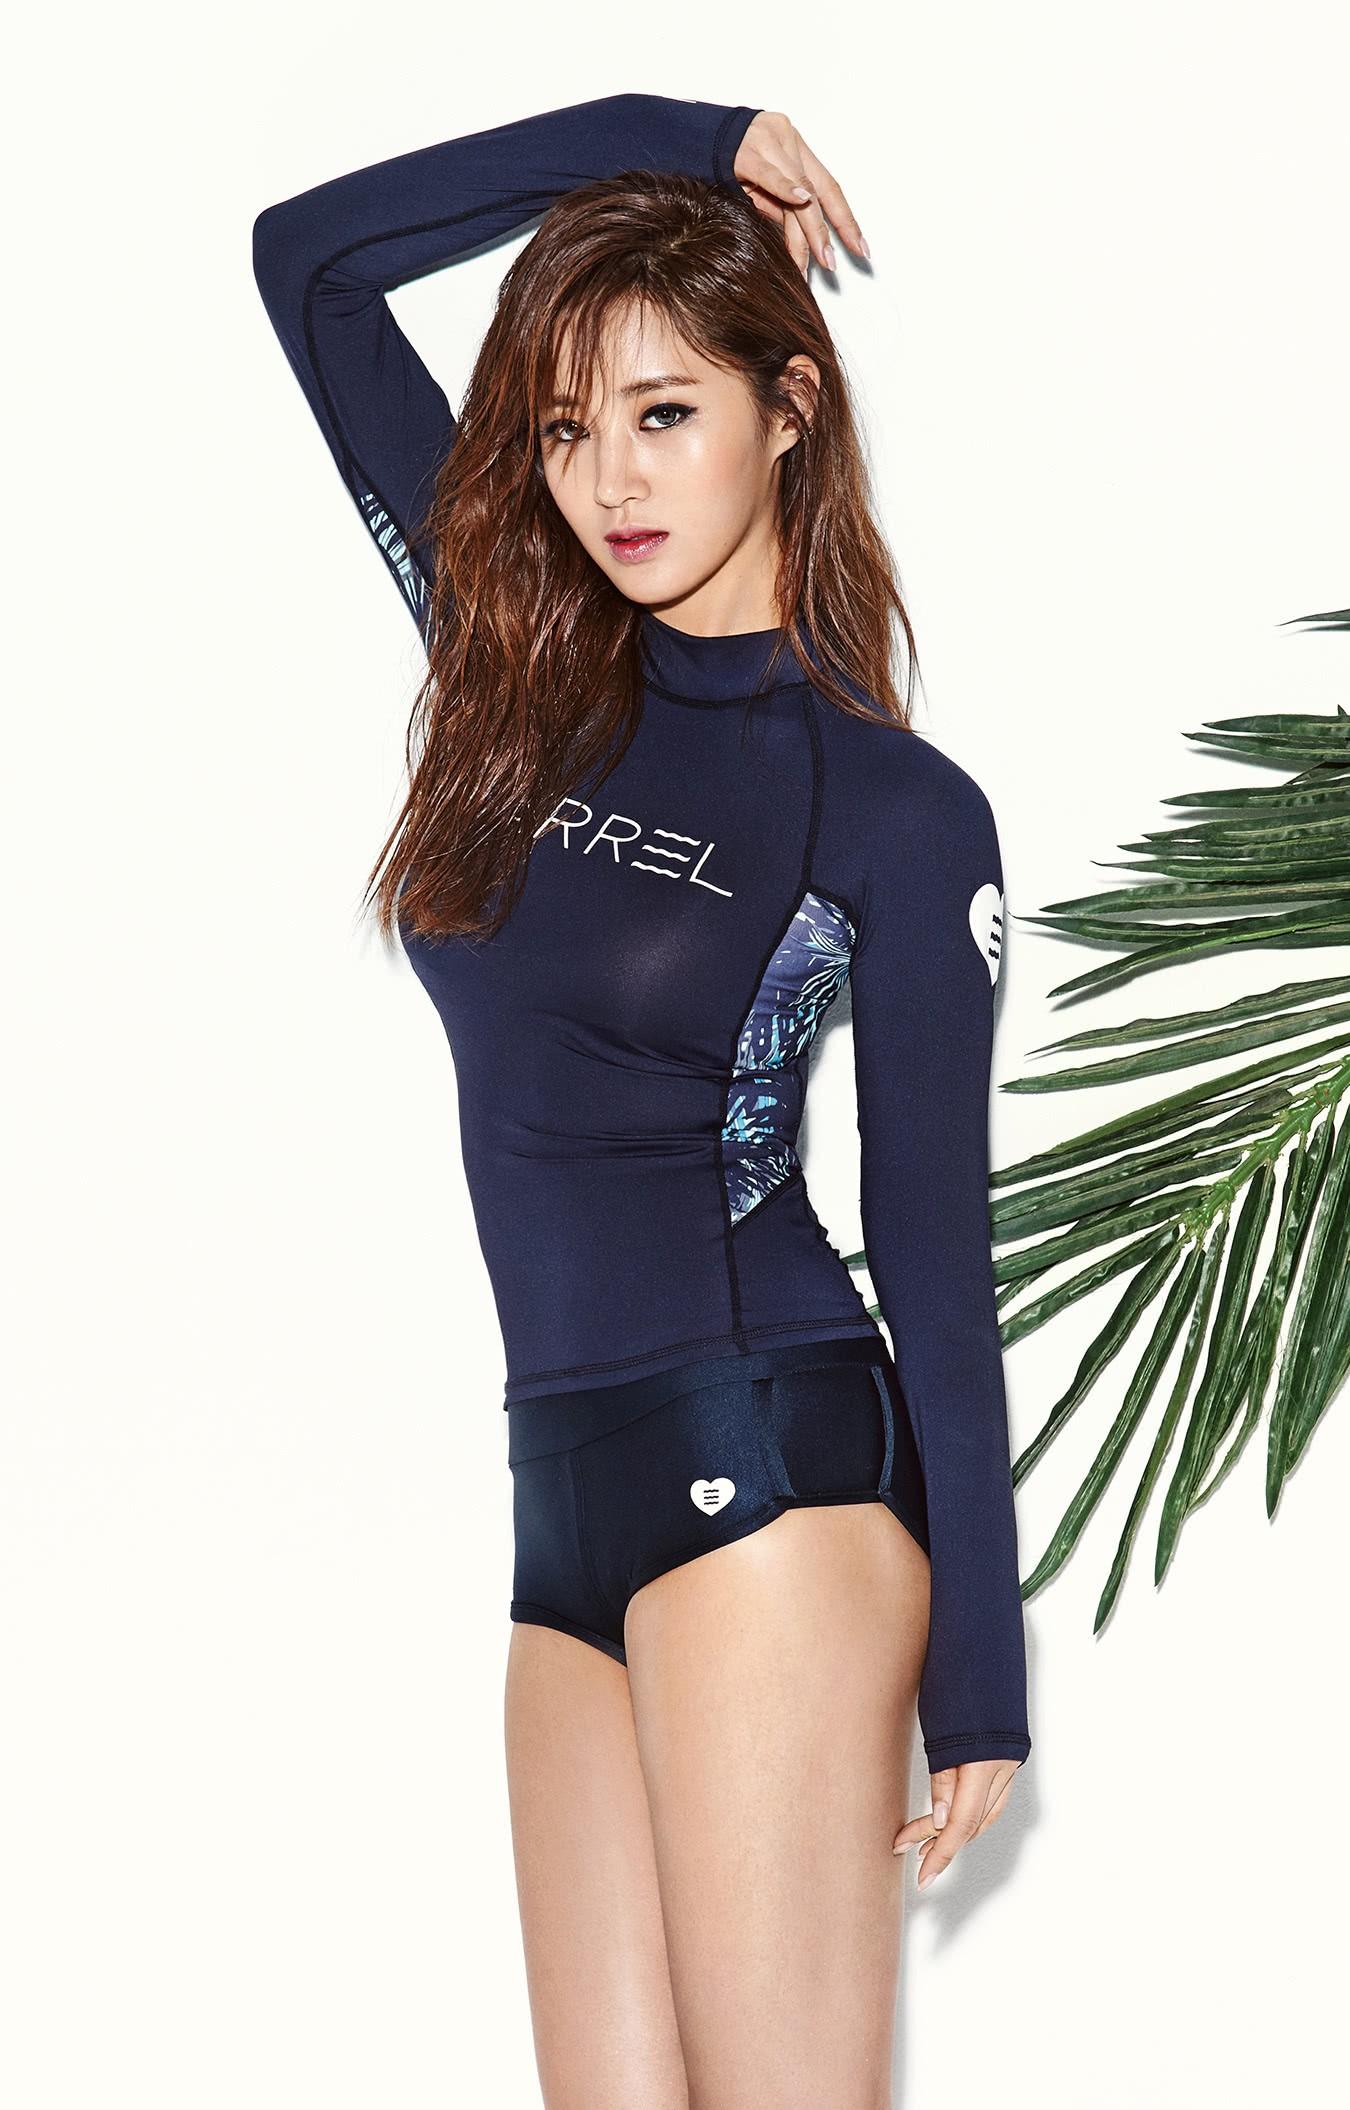 Trời 60 độ cũng phải tắt nắng vì dàn idol nữ Kpop sở hữu body chuẩn Tây: Nét nóng bỏng thay đổi cả quy chuẩn! - Ảnh 12.